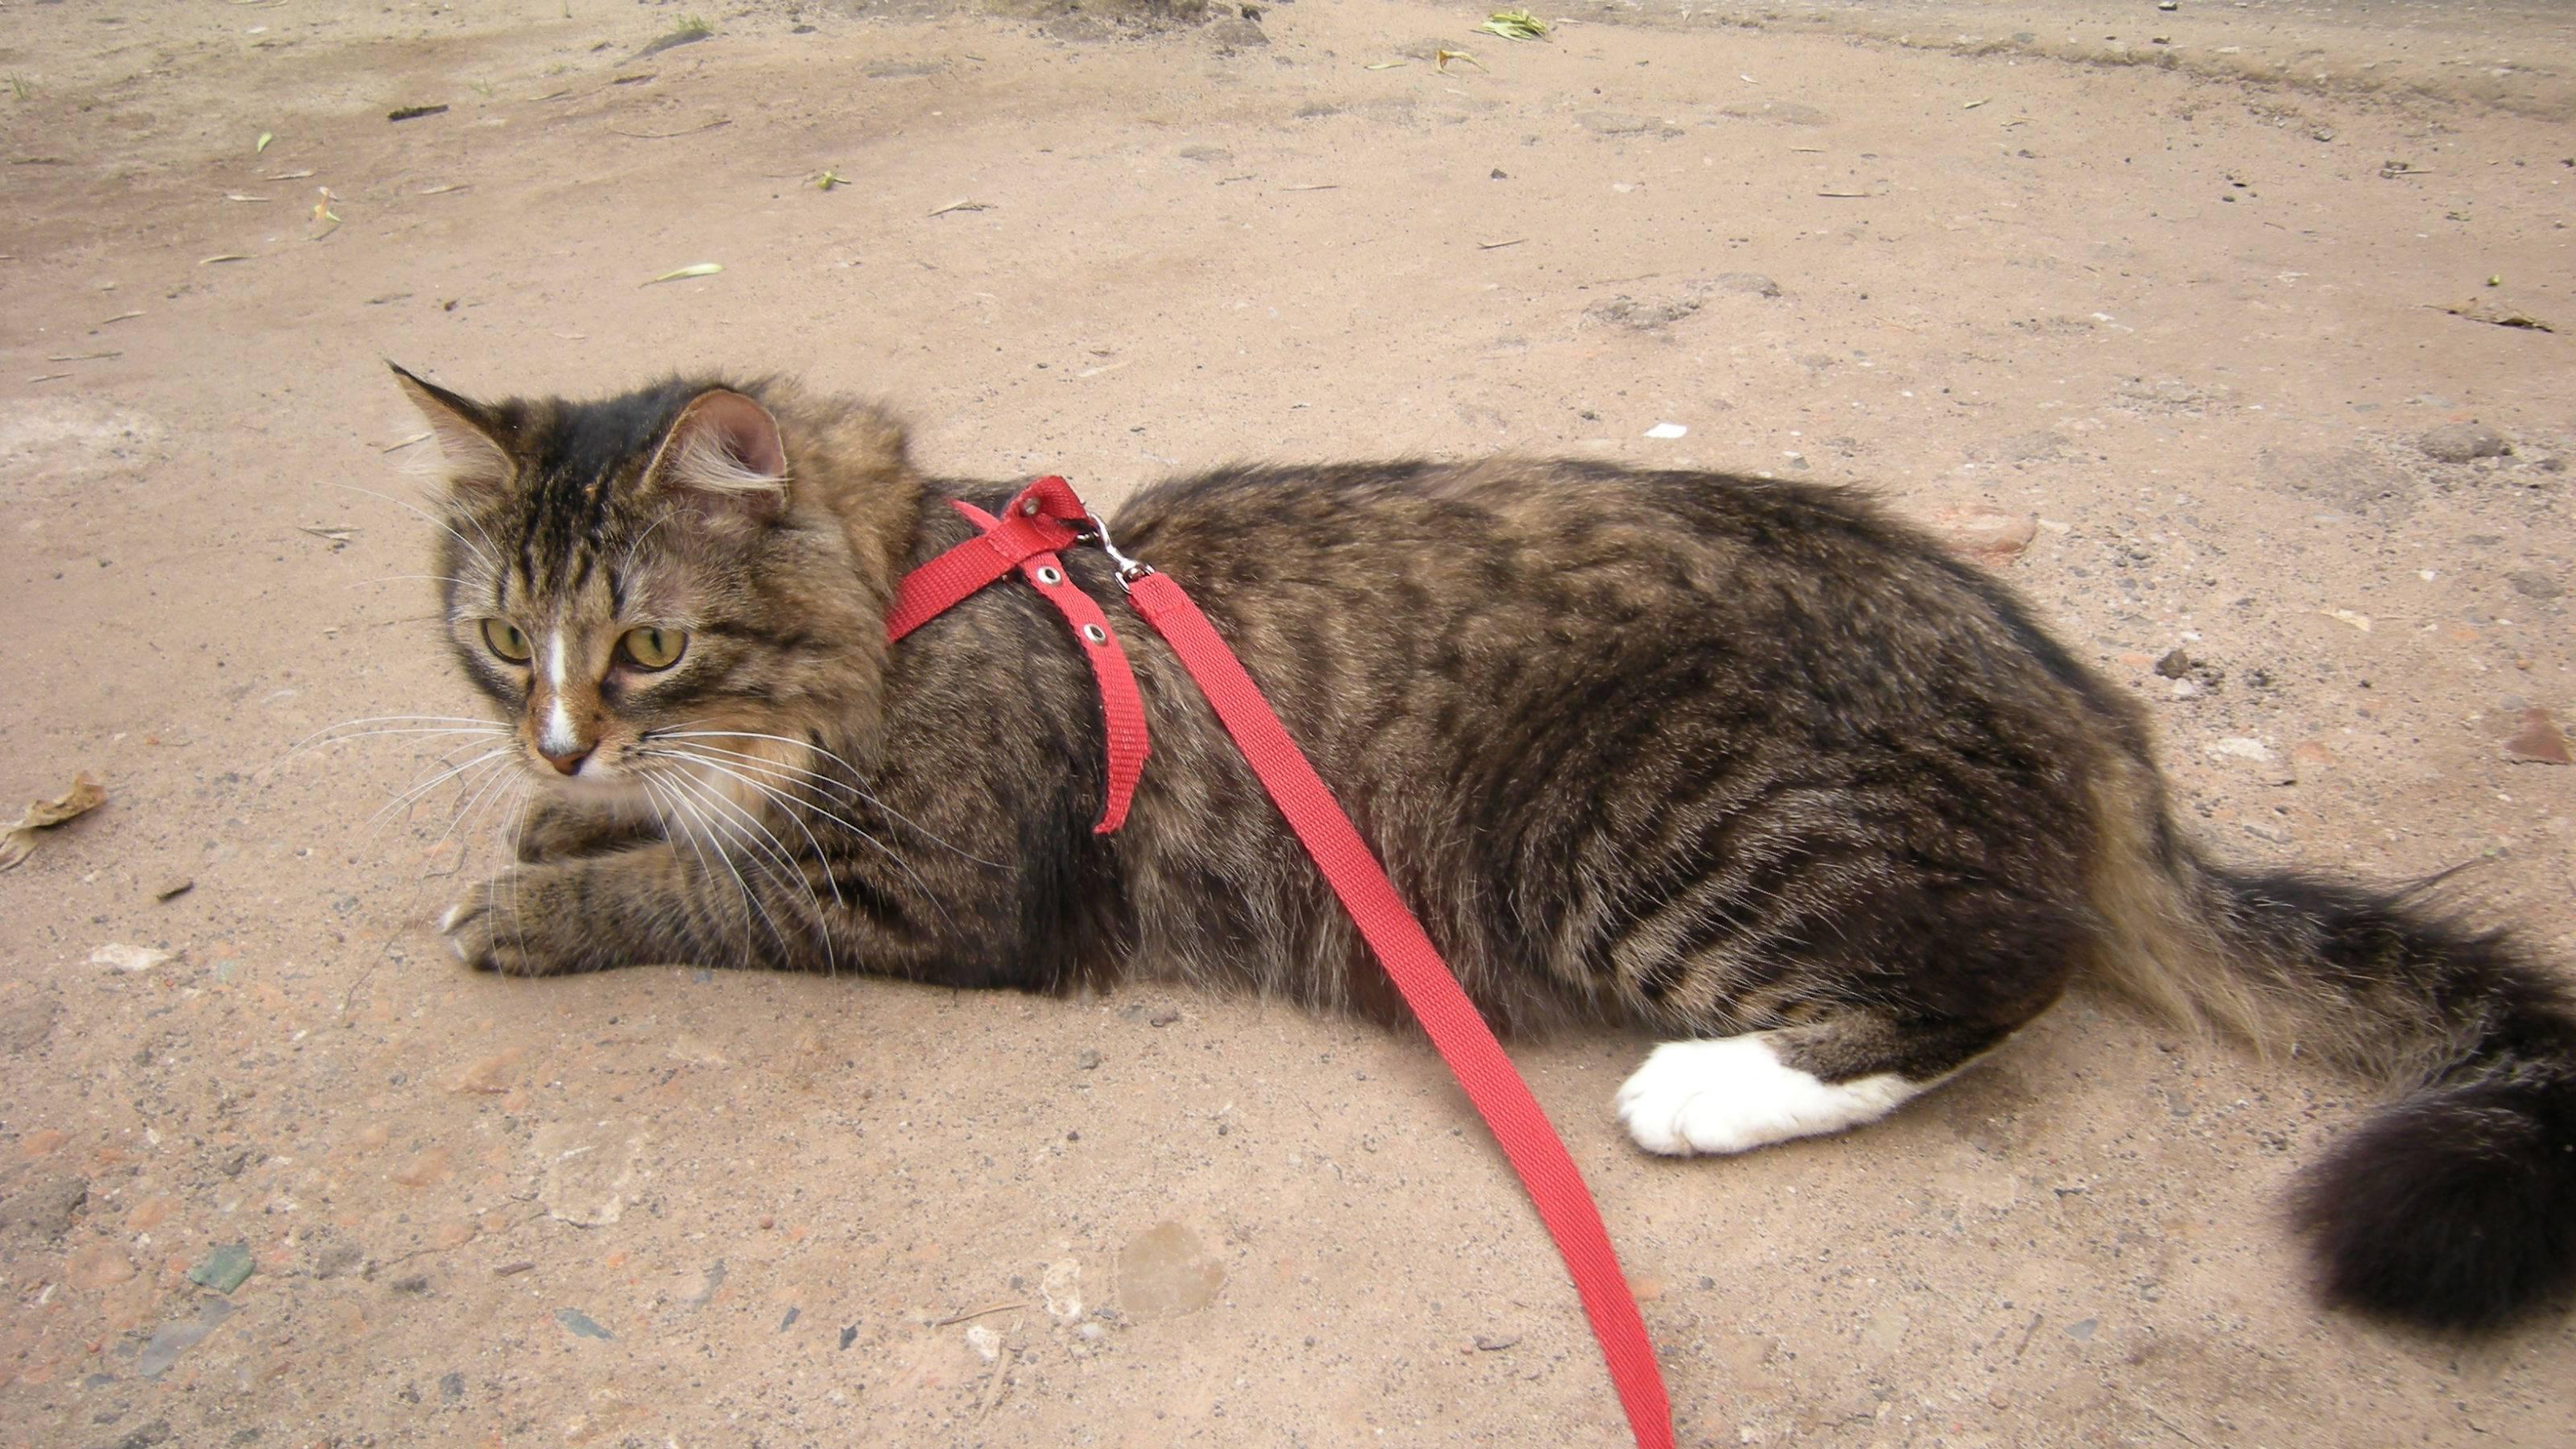 Как отучить кошку от улицы в несколько шагов как отучить кошку от улицы в несколько шагов